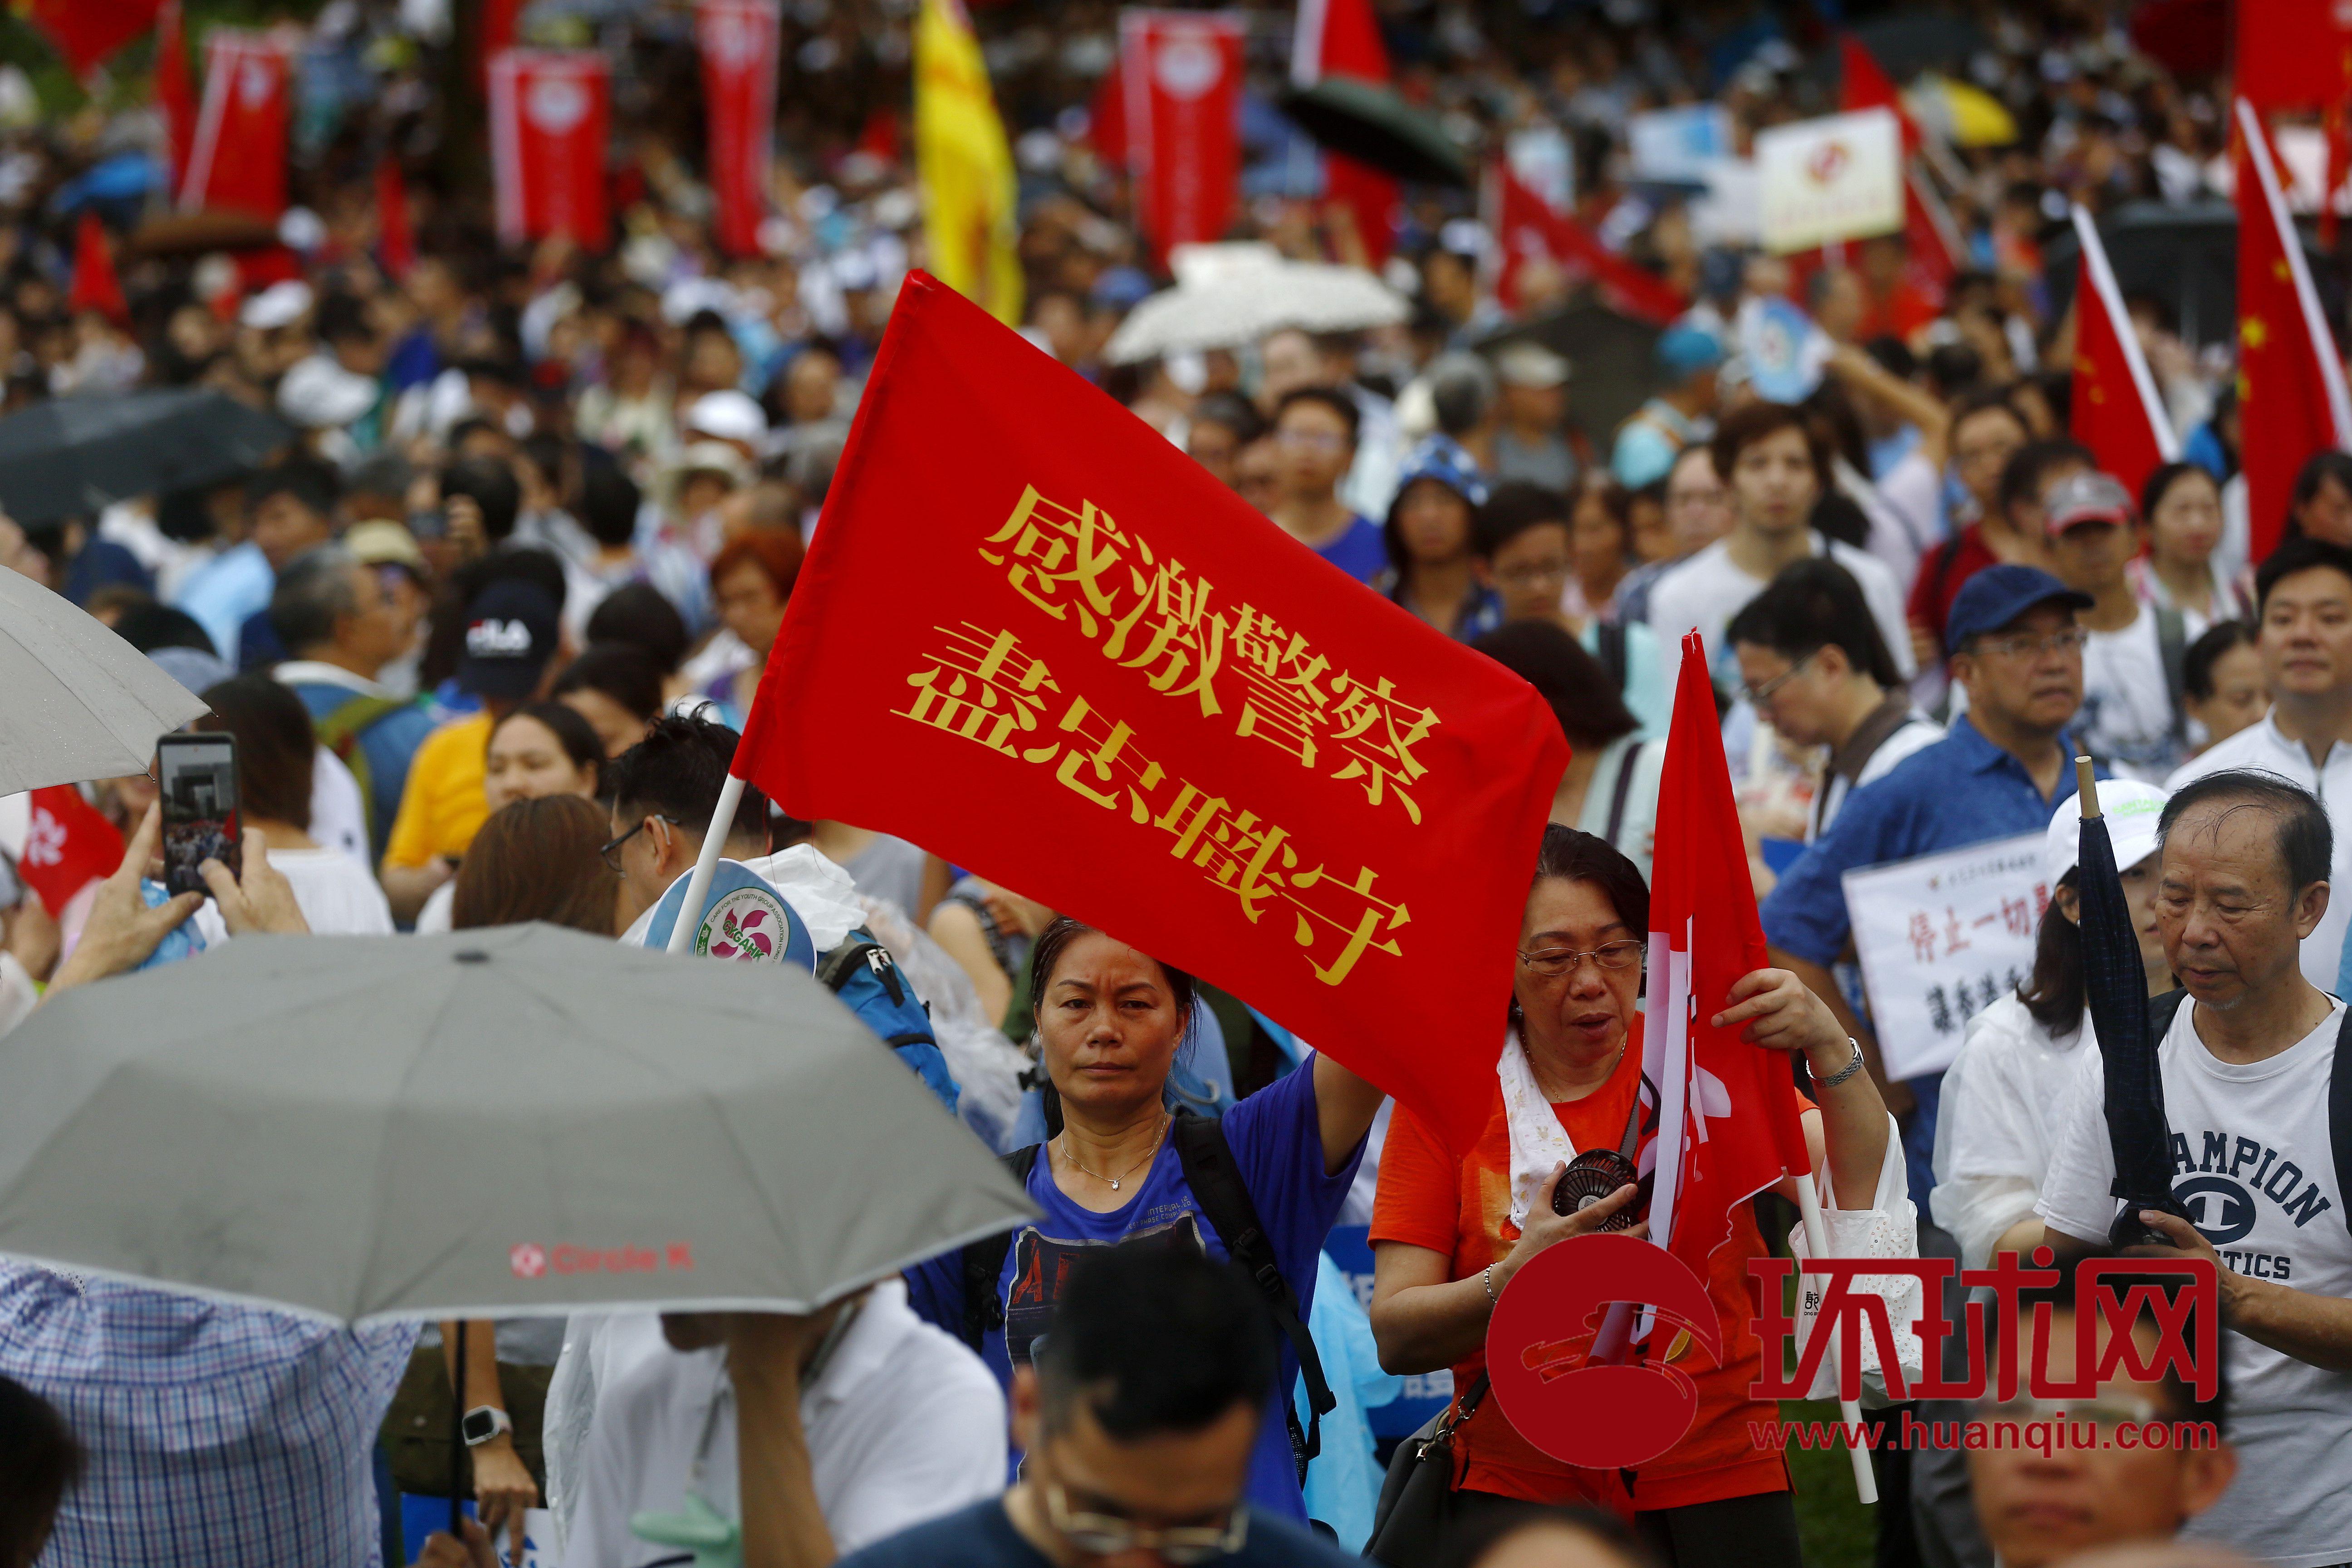 """乱够了!47.6万香港市民冒雨参加""""反暴力、救香港""""集会"""